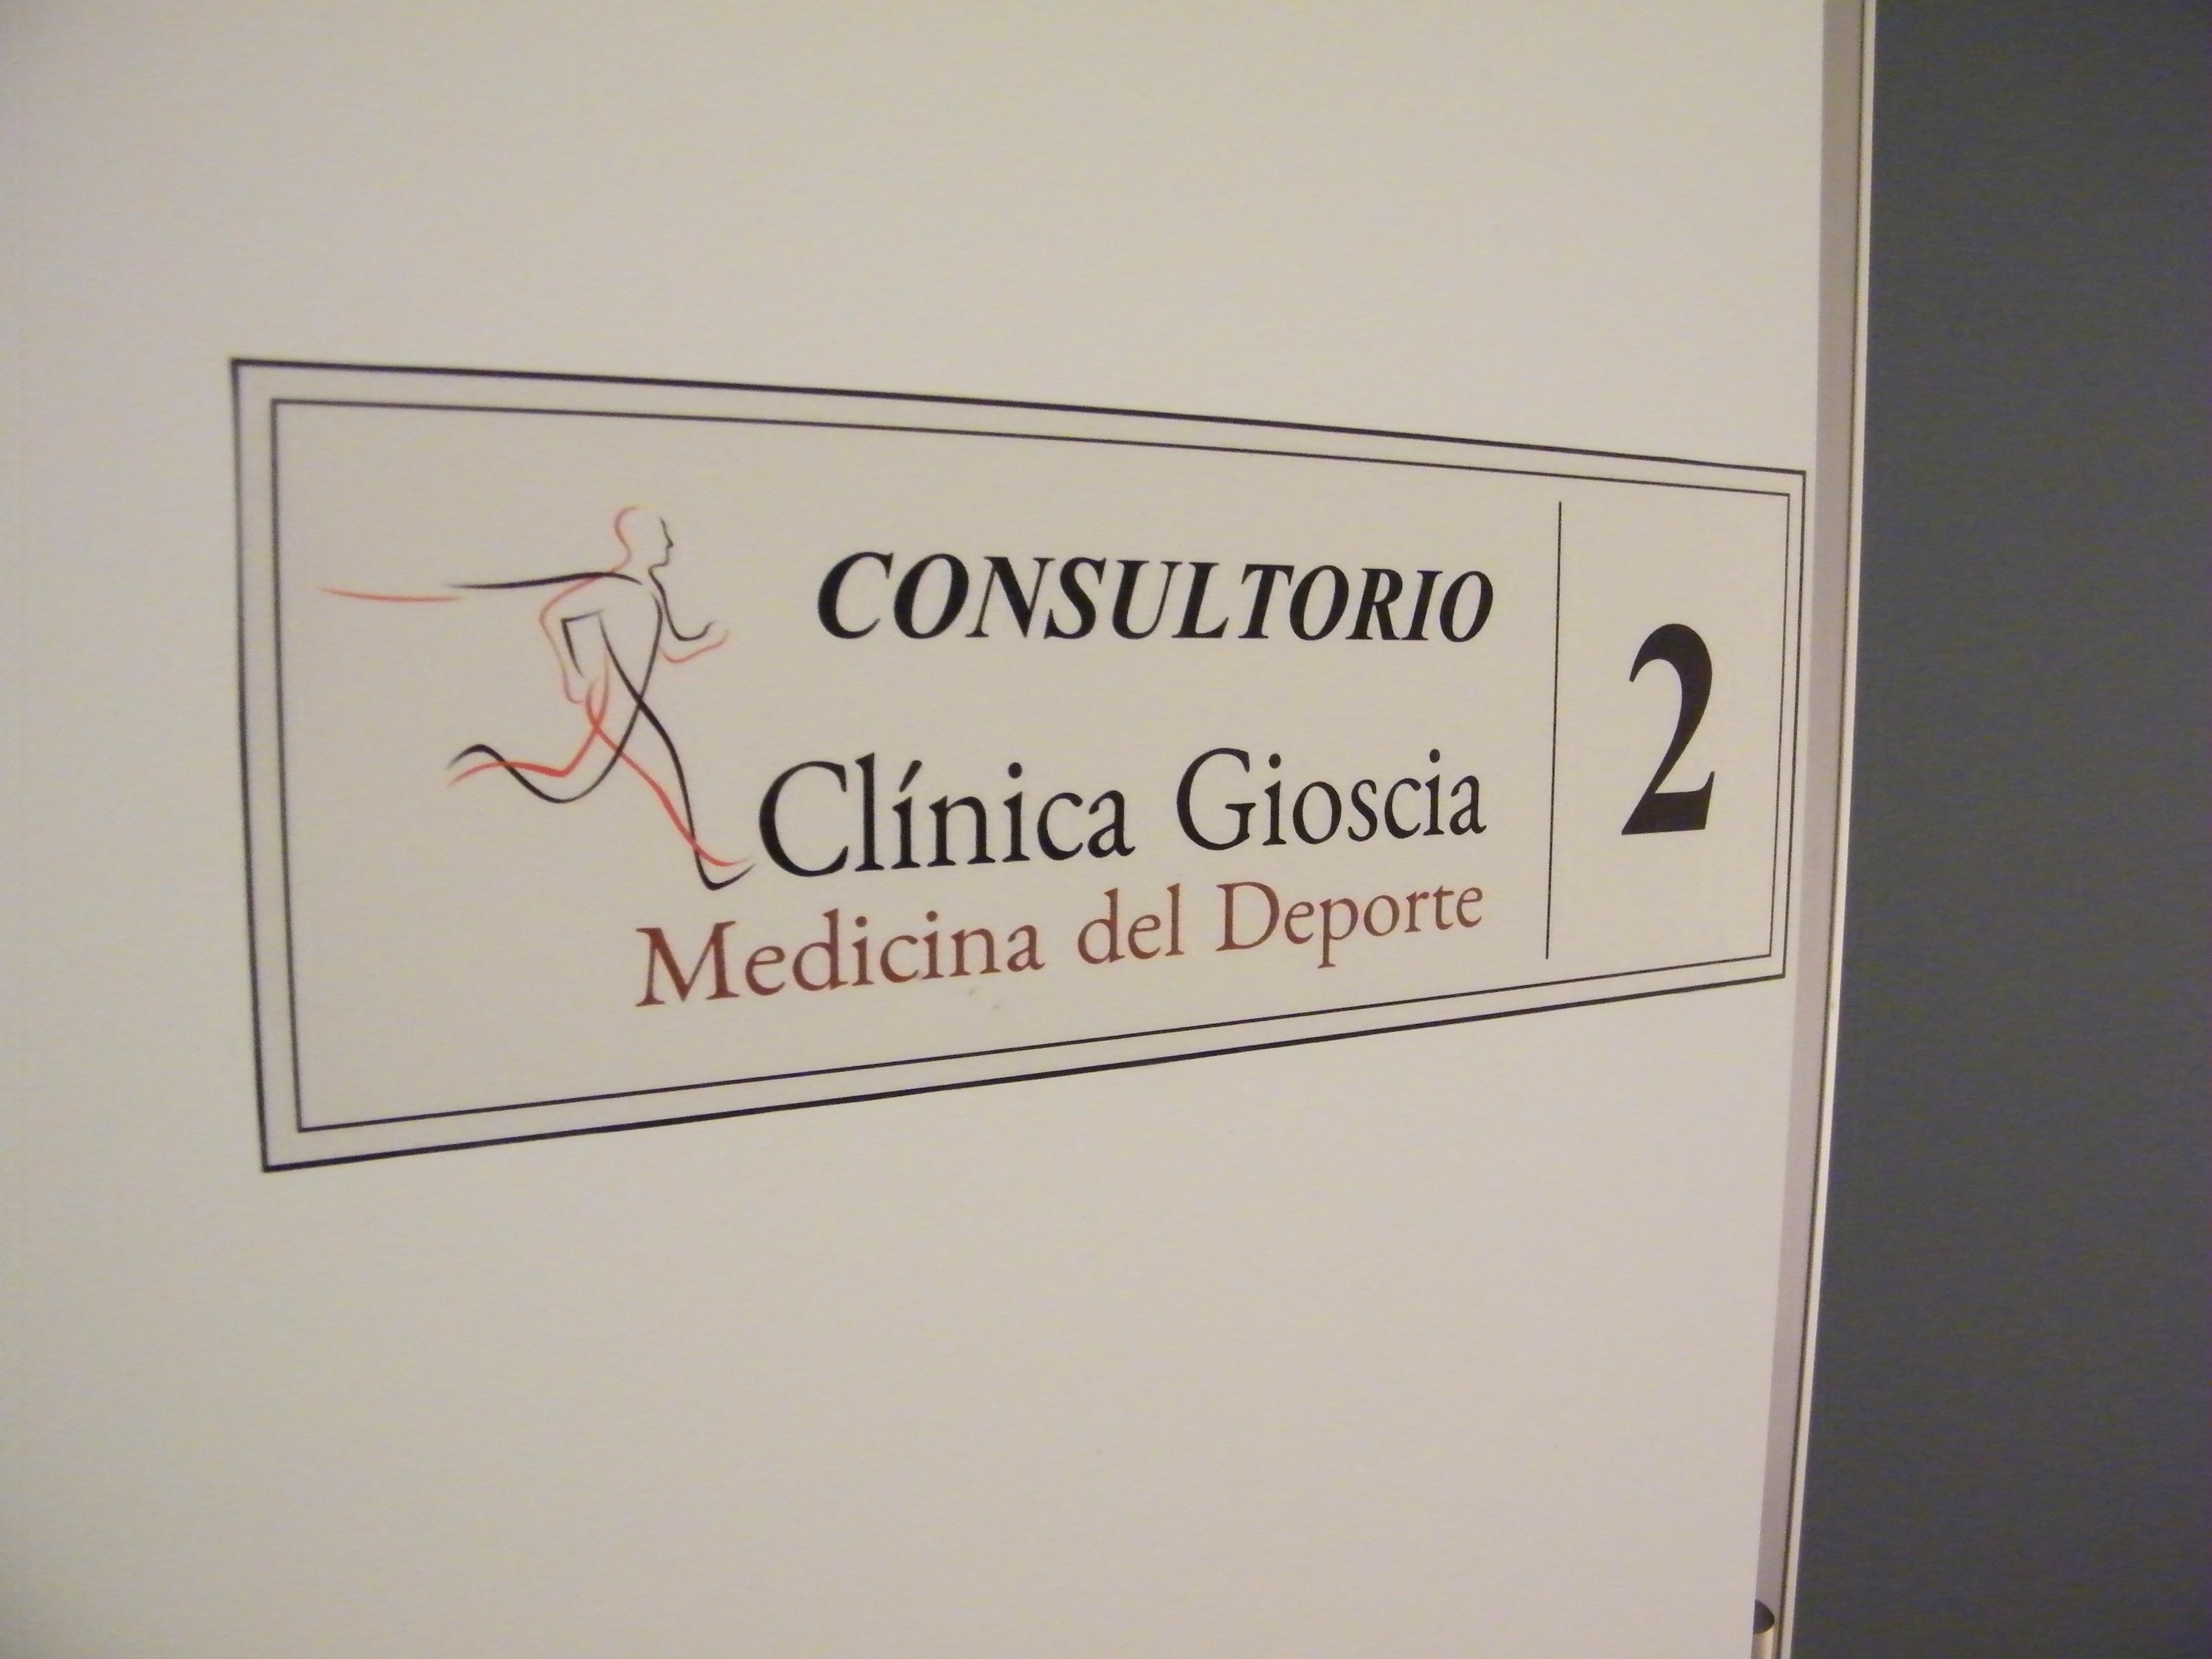 Clínica Gioscia